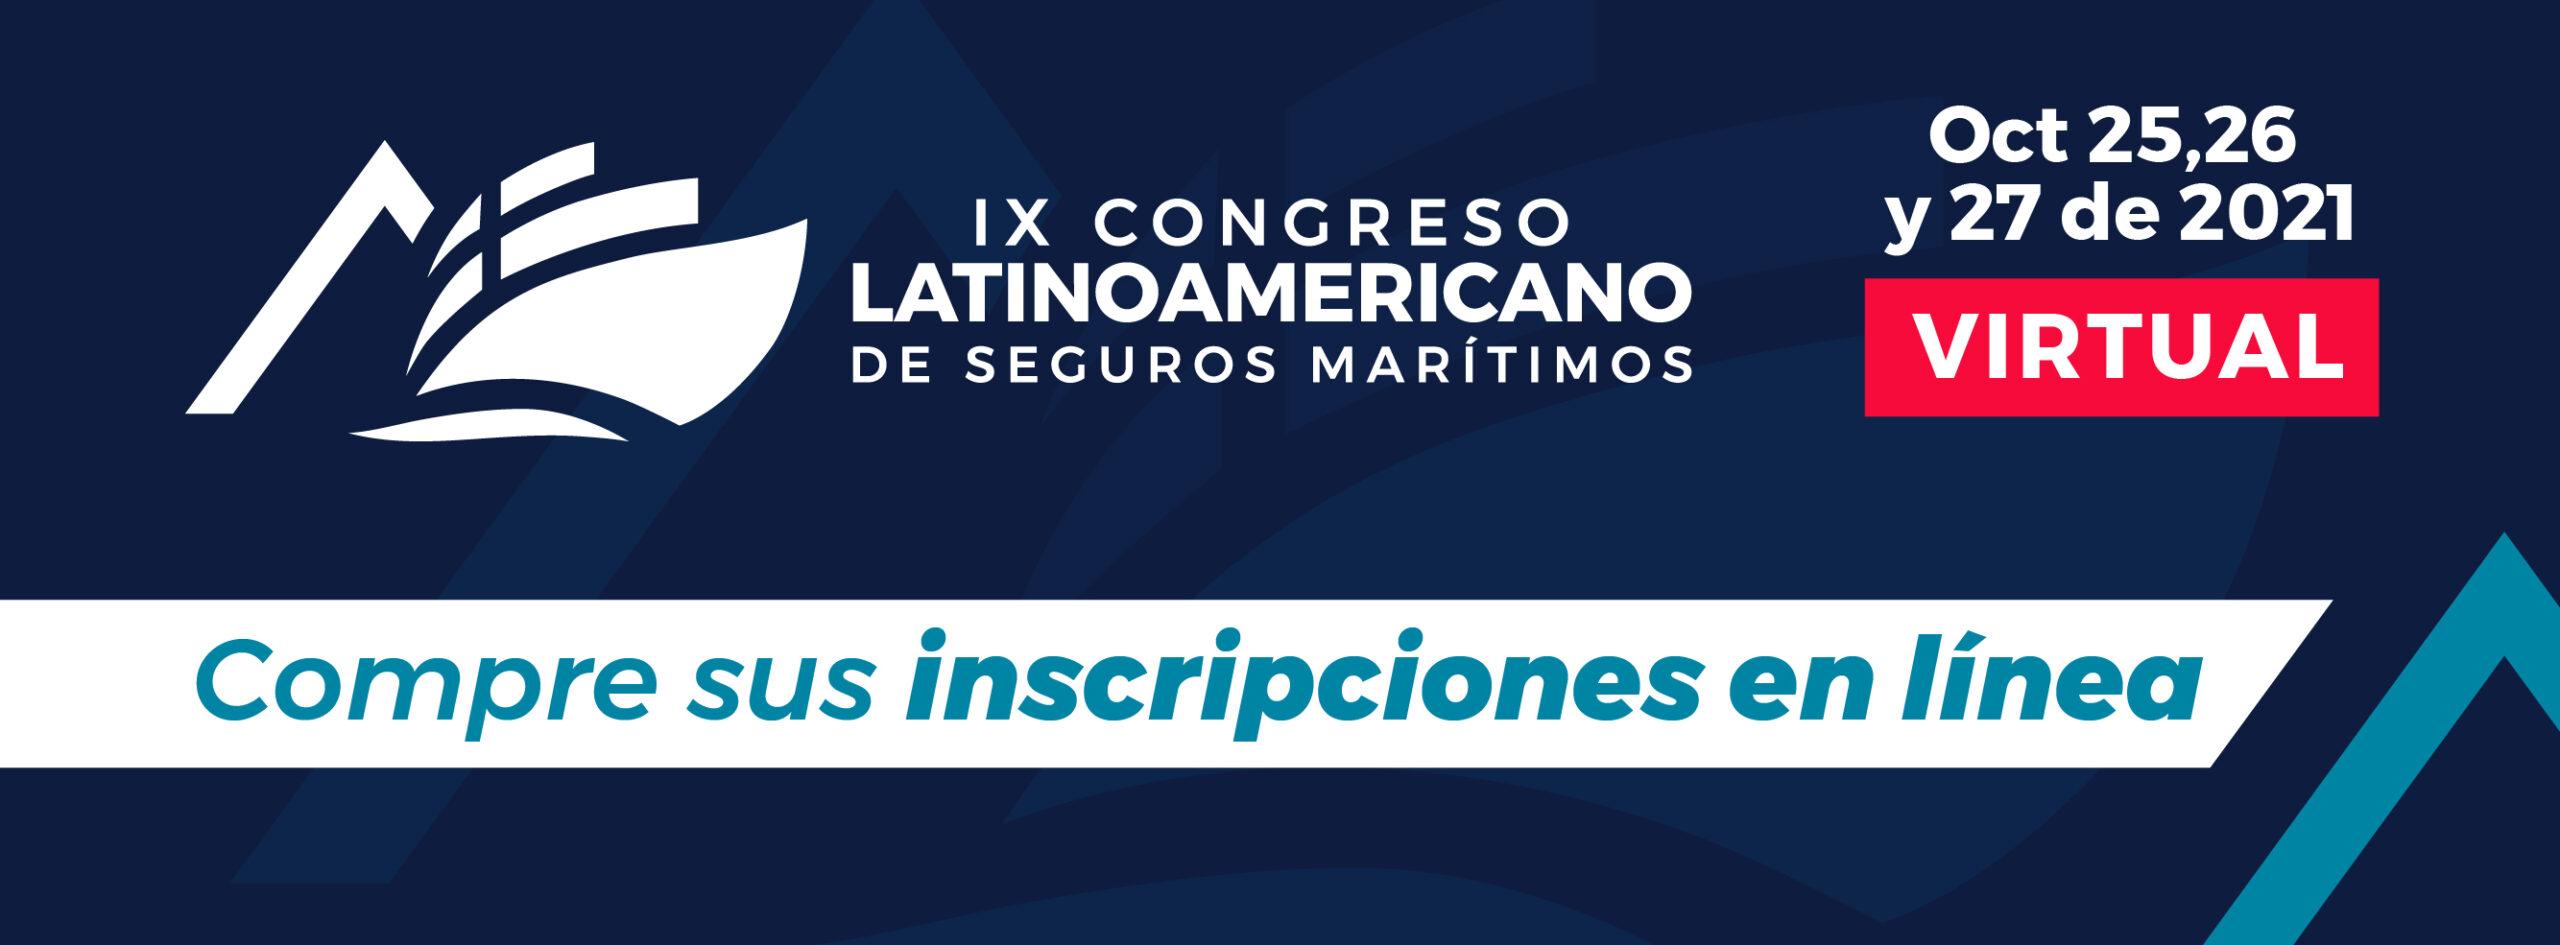 banner_tienda_congreso_2021